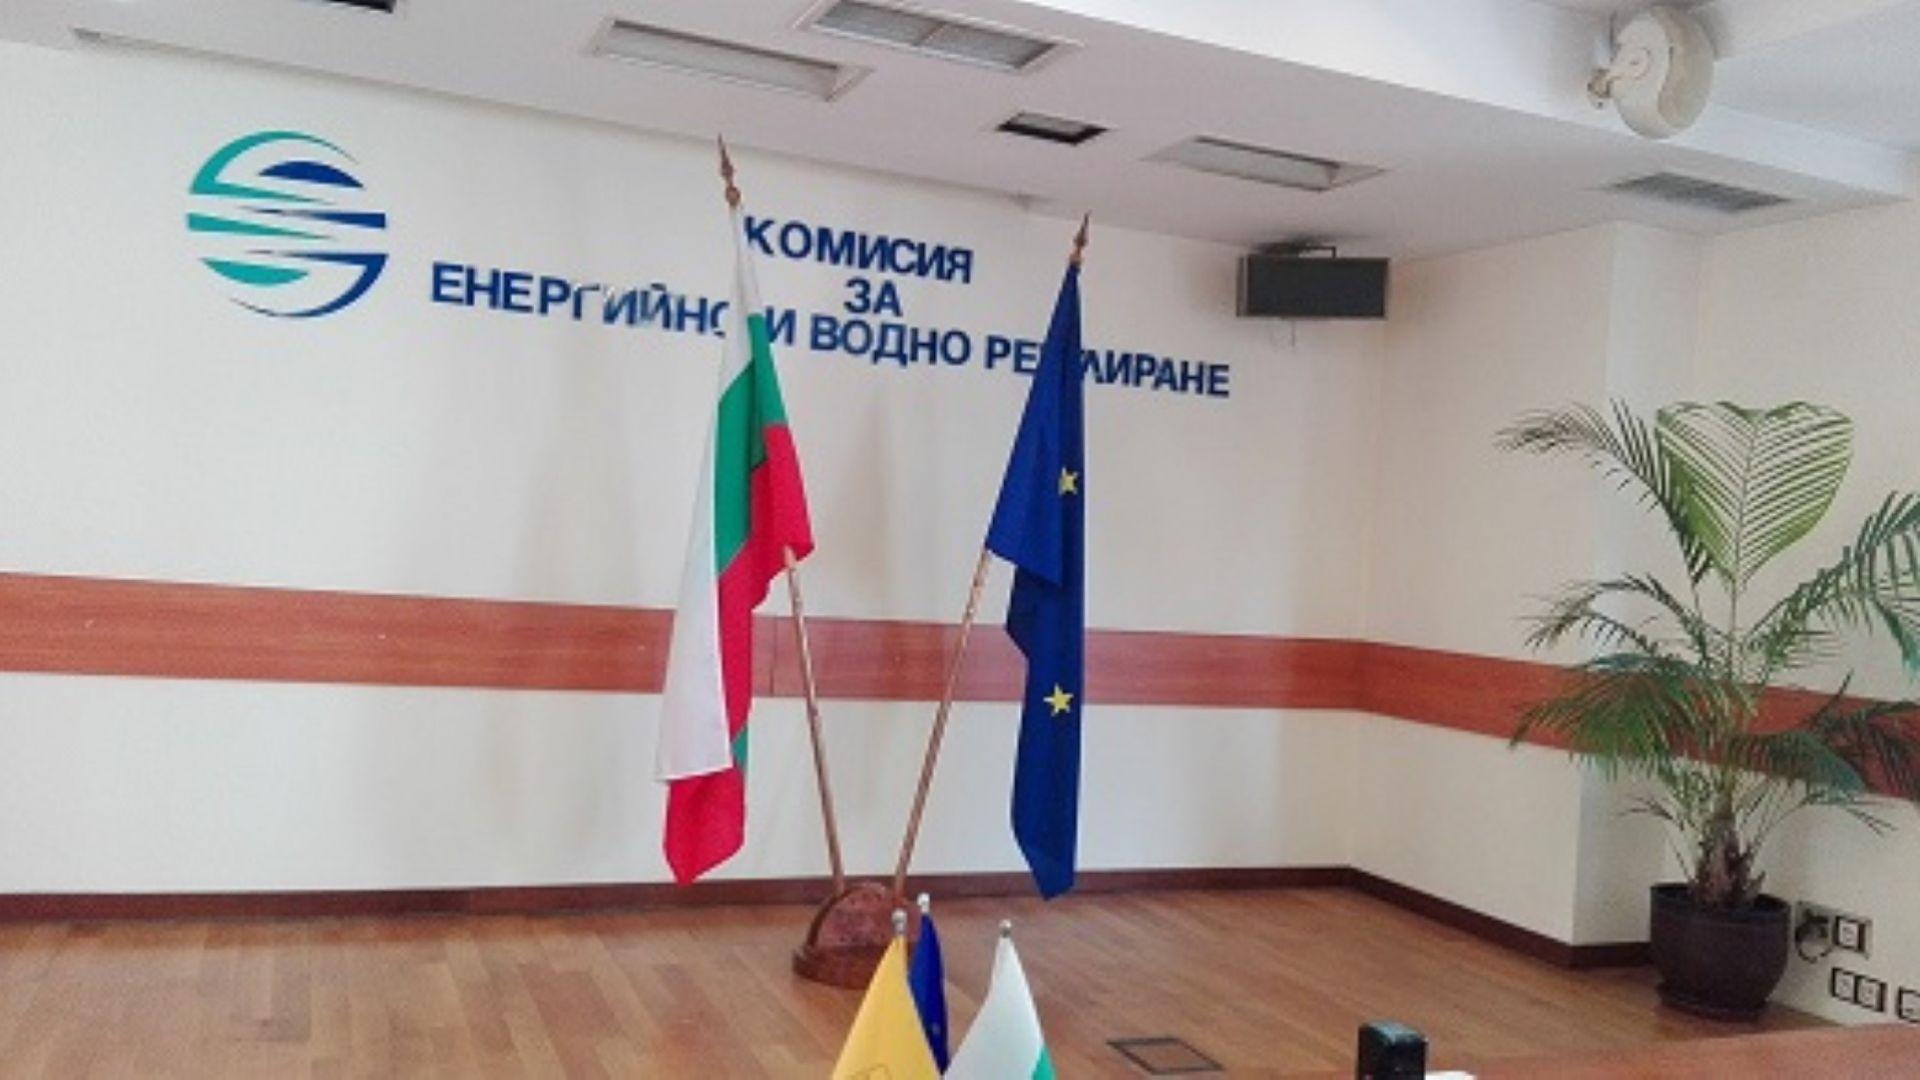 КЕВР ще издаде лицензии за търговия с природен газ на две компании